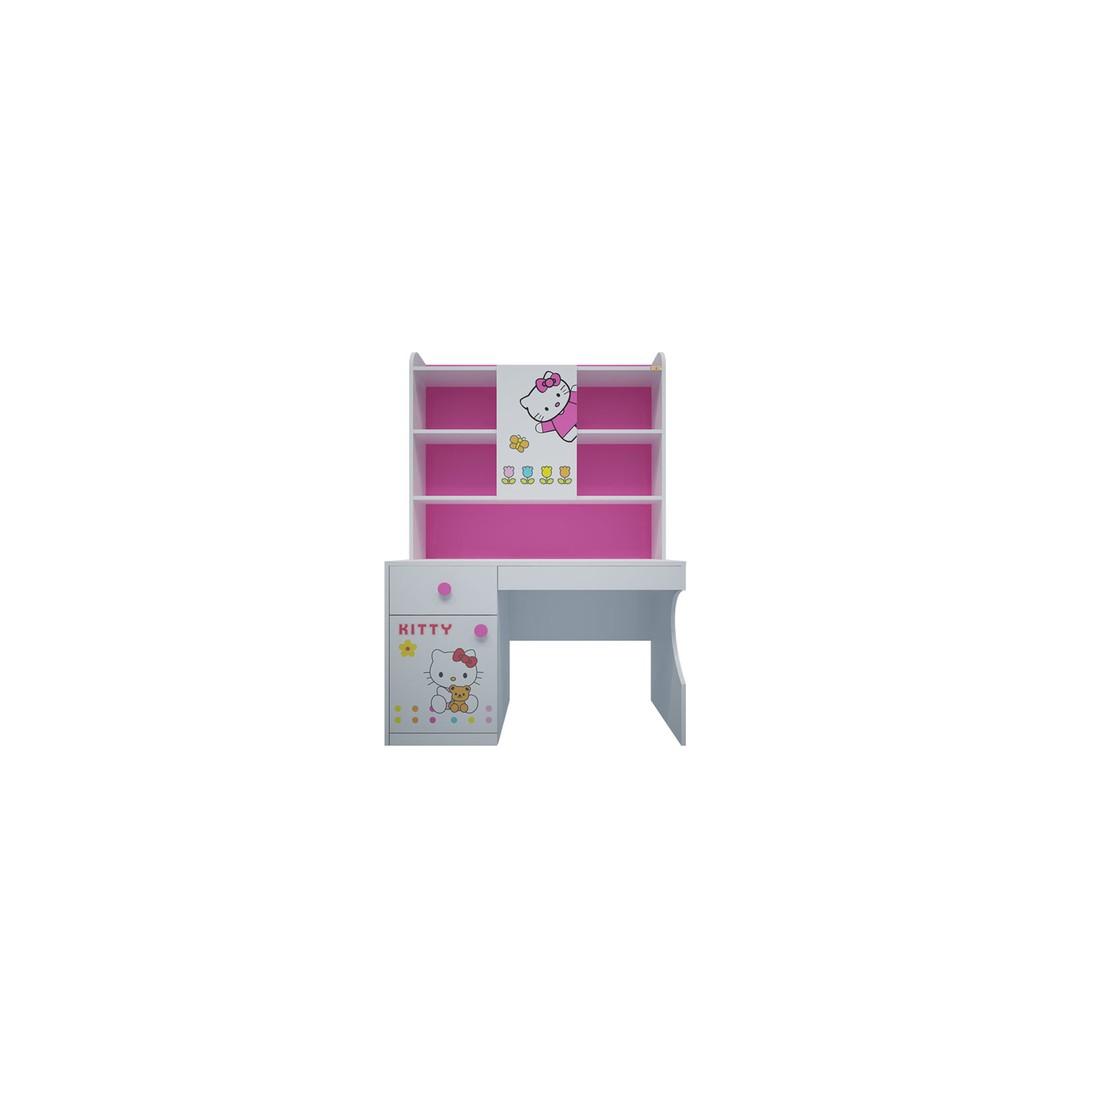 Bộ bàn trẻ em Hello Kitty-Thế giới đồ gia dụng HMD